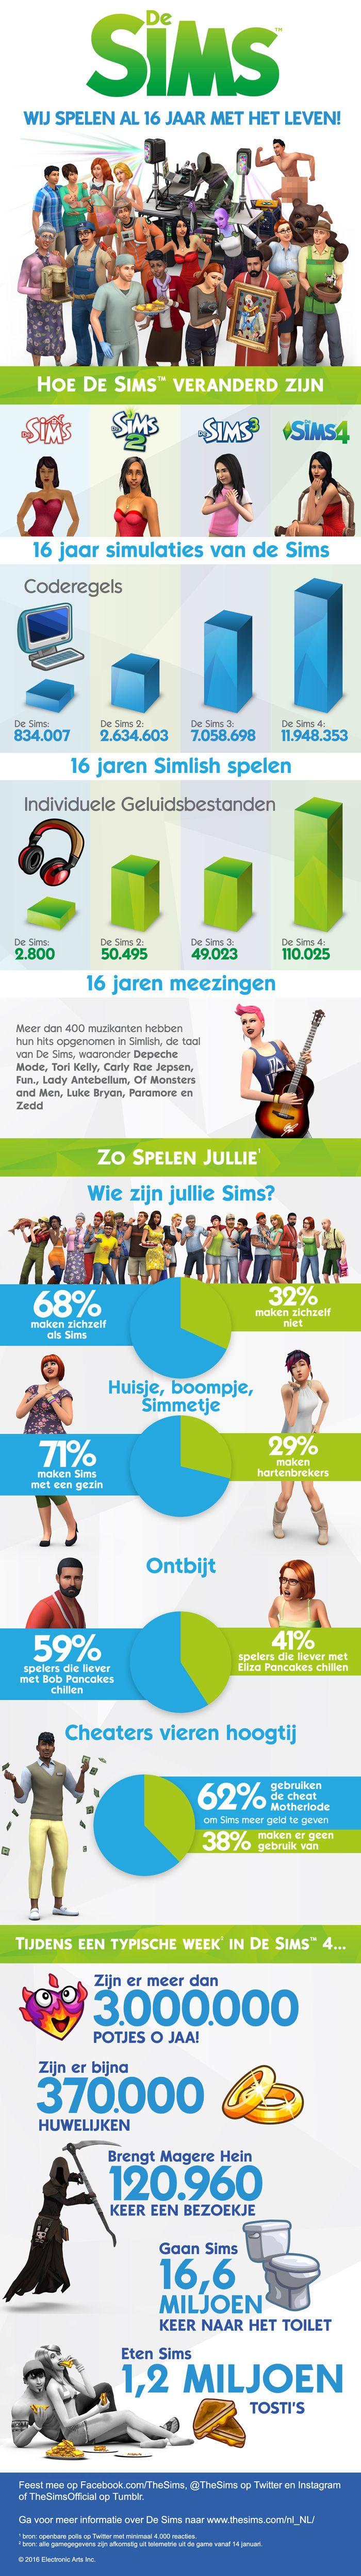 De Sims bestaat 16 jaar | Female-Gamers